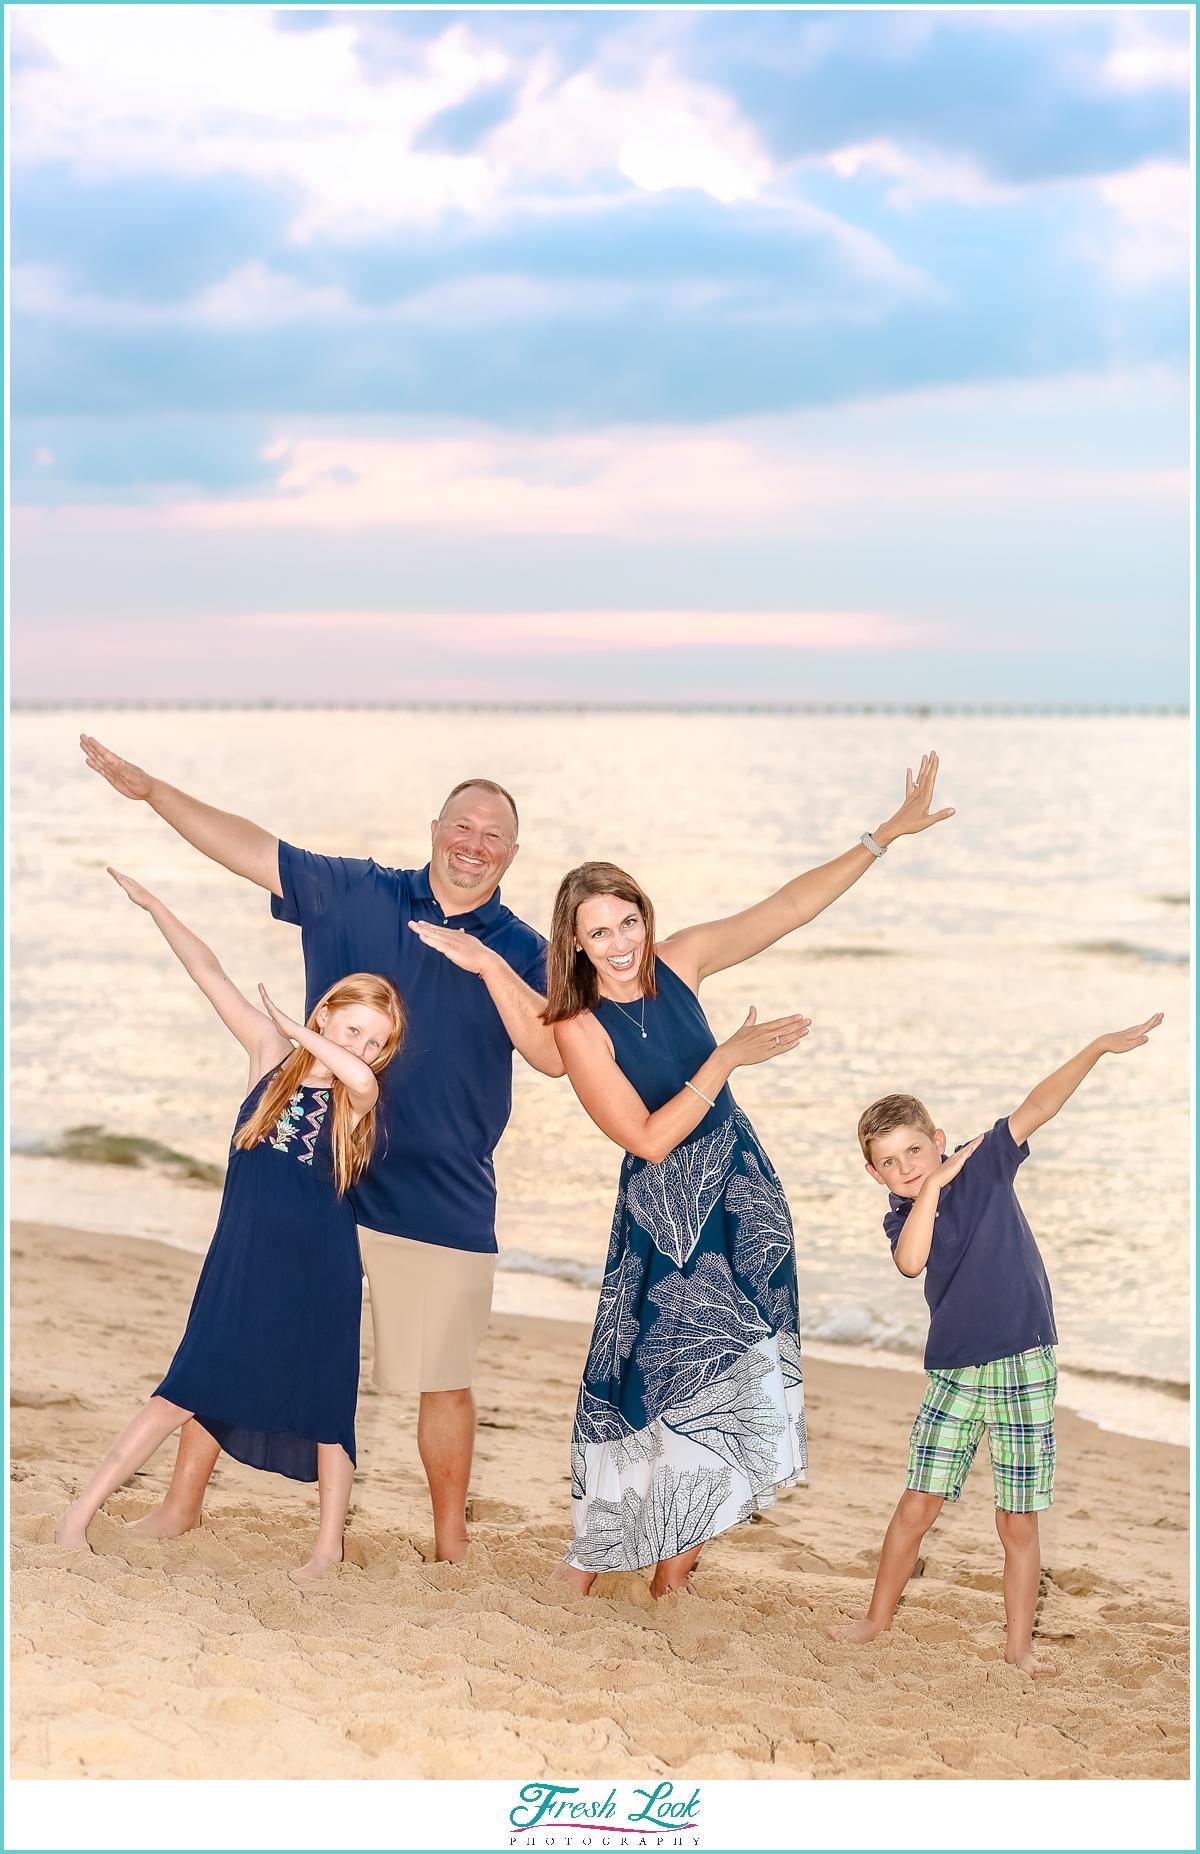 funny family photo ideas